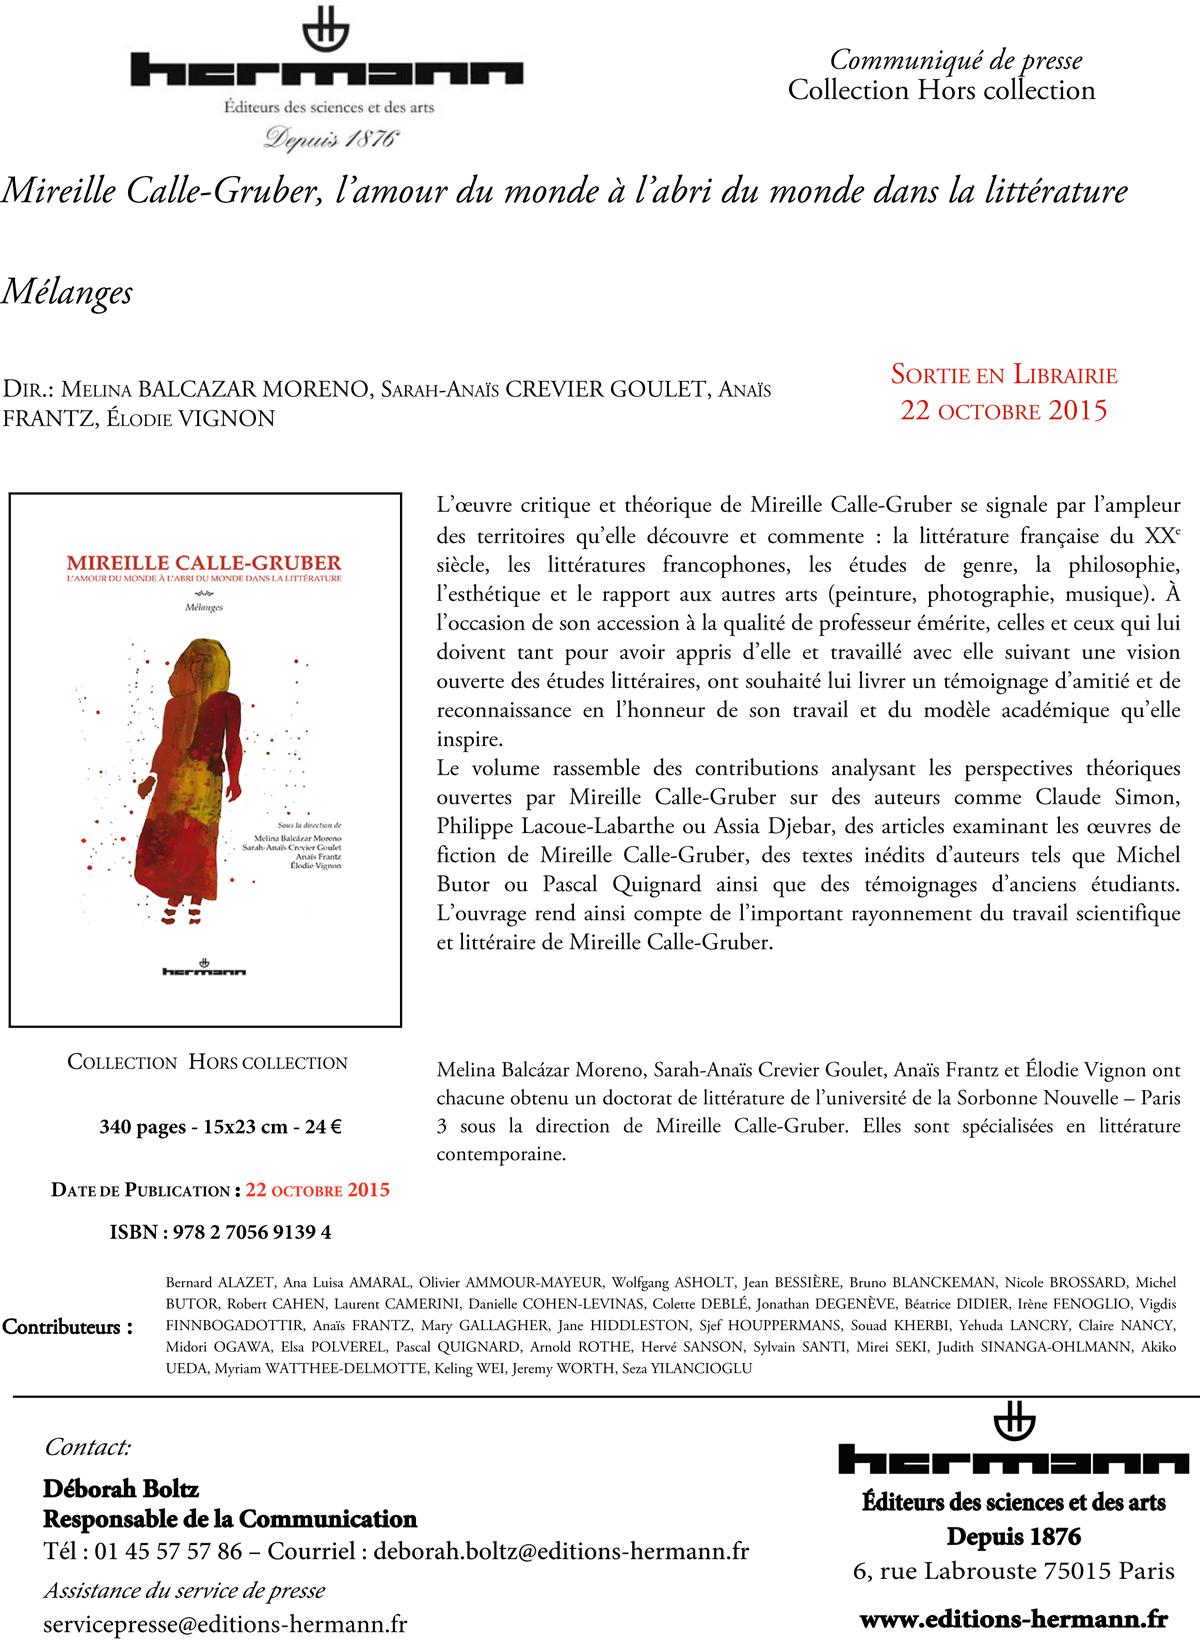 Mireille Calle-Gruber, l'amour du monde à l'abri du monde dans la littérature